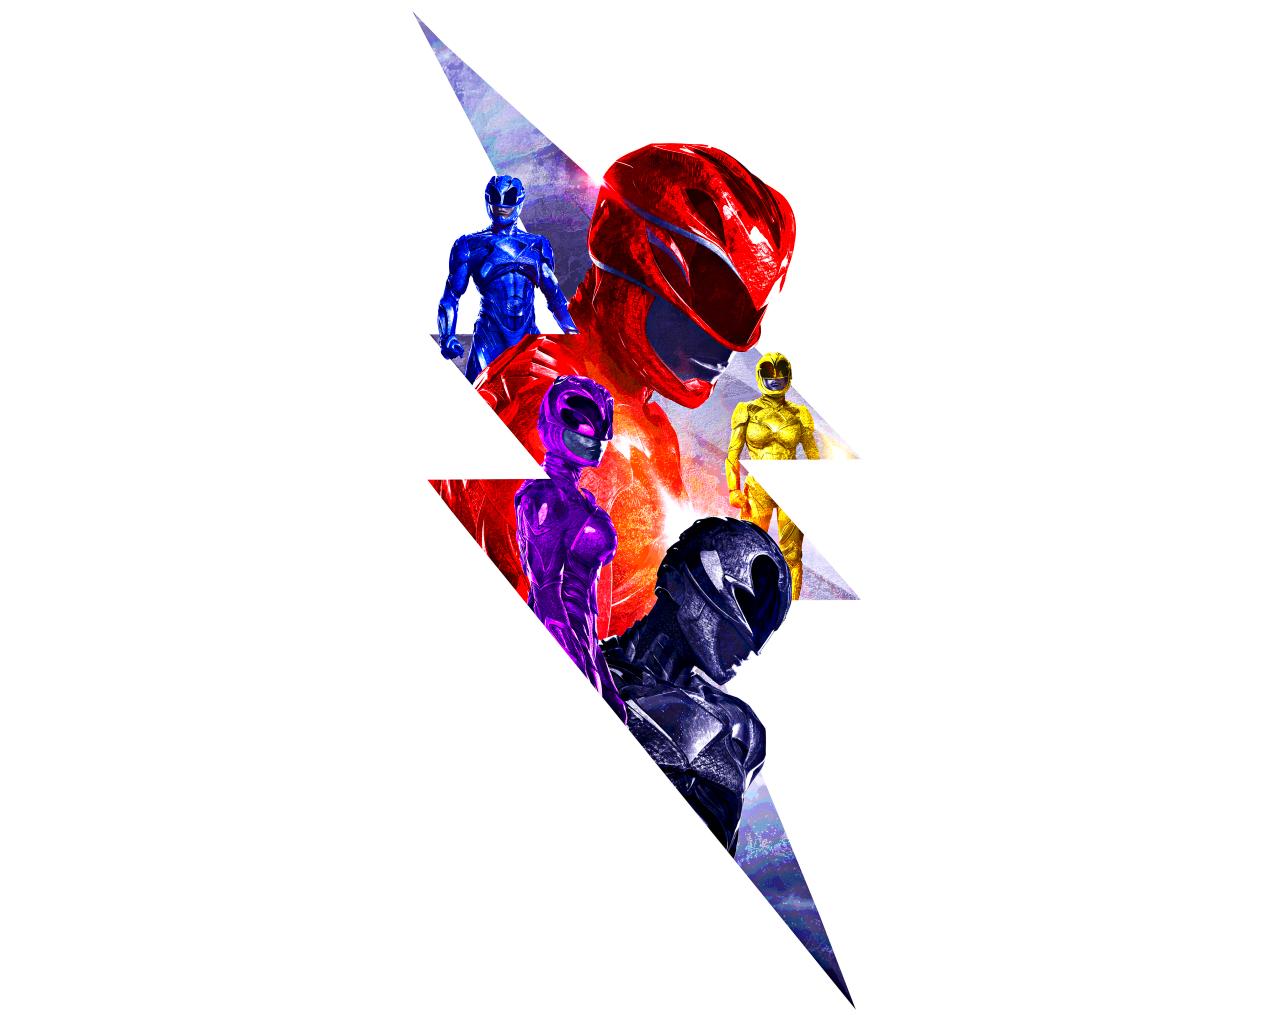 Power Rangers 2017   Power Rangers 2017 wallpaper 41259647 1280x1024